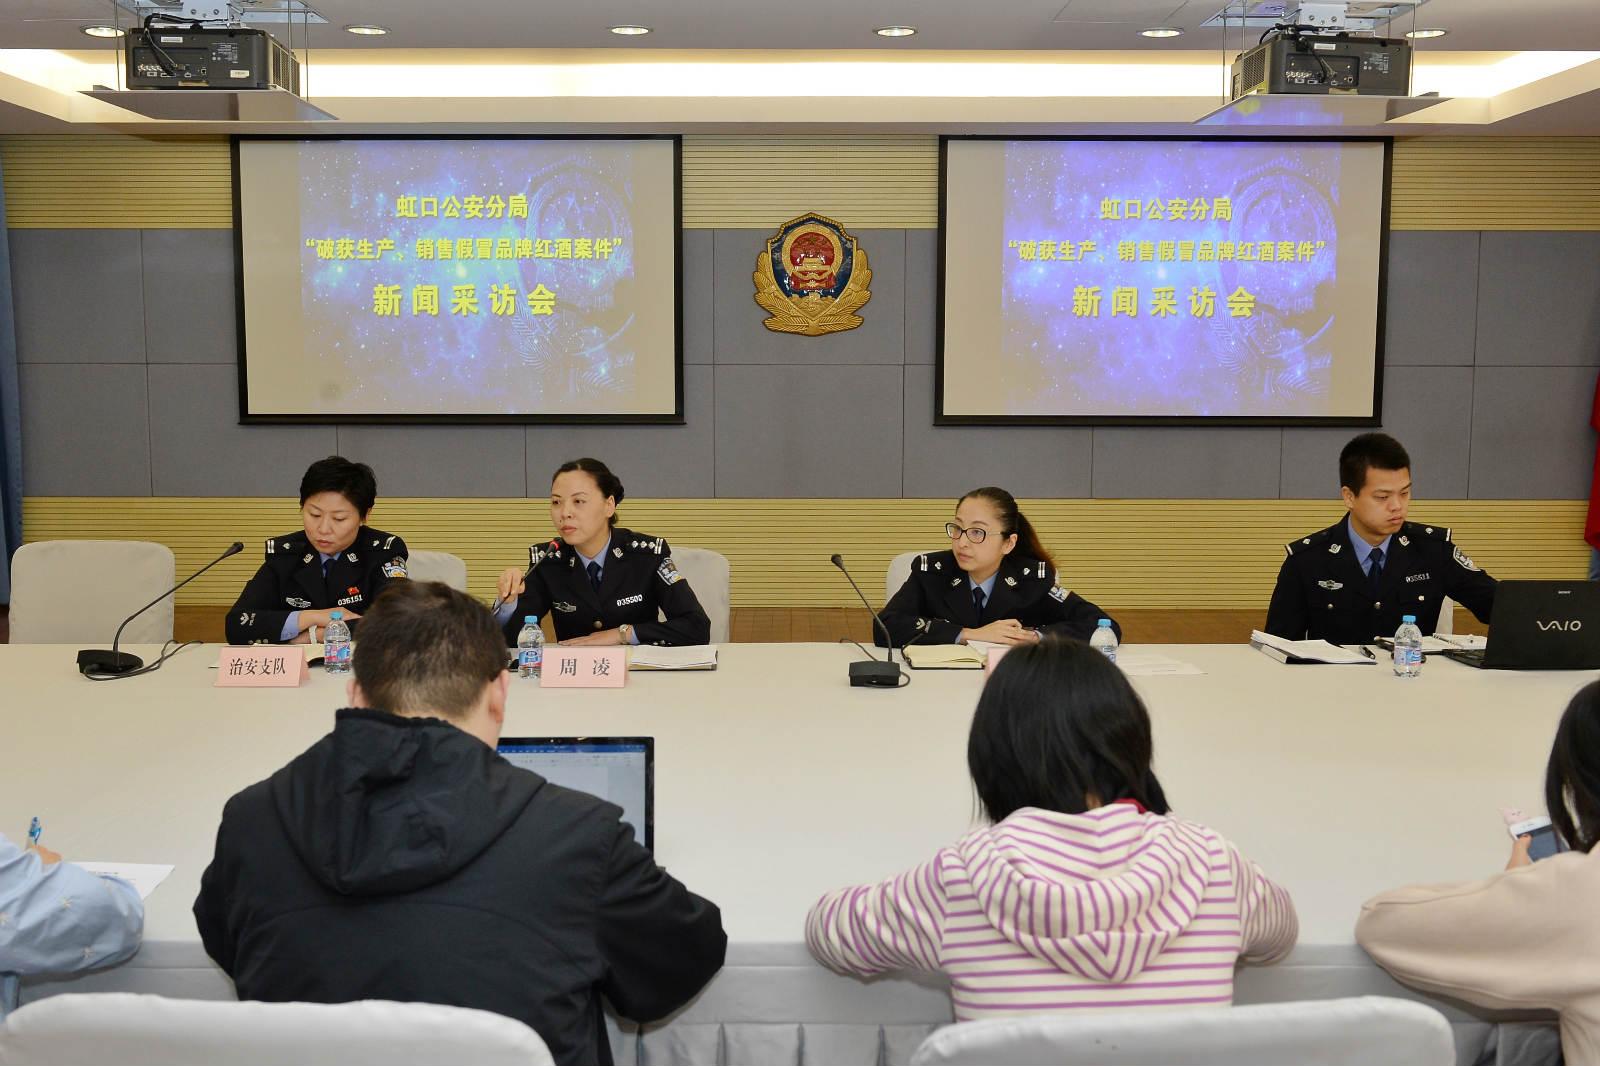 图说:11月15日,上海虹口区公安召开新闻发布会通报特大假冒品牌红酒案。_meitu_2